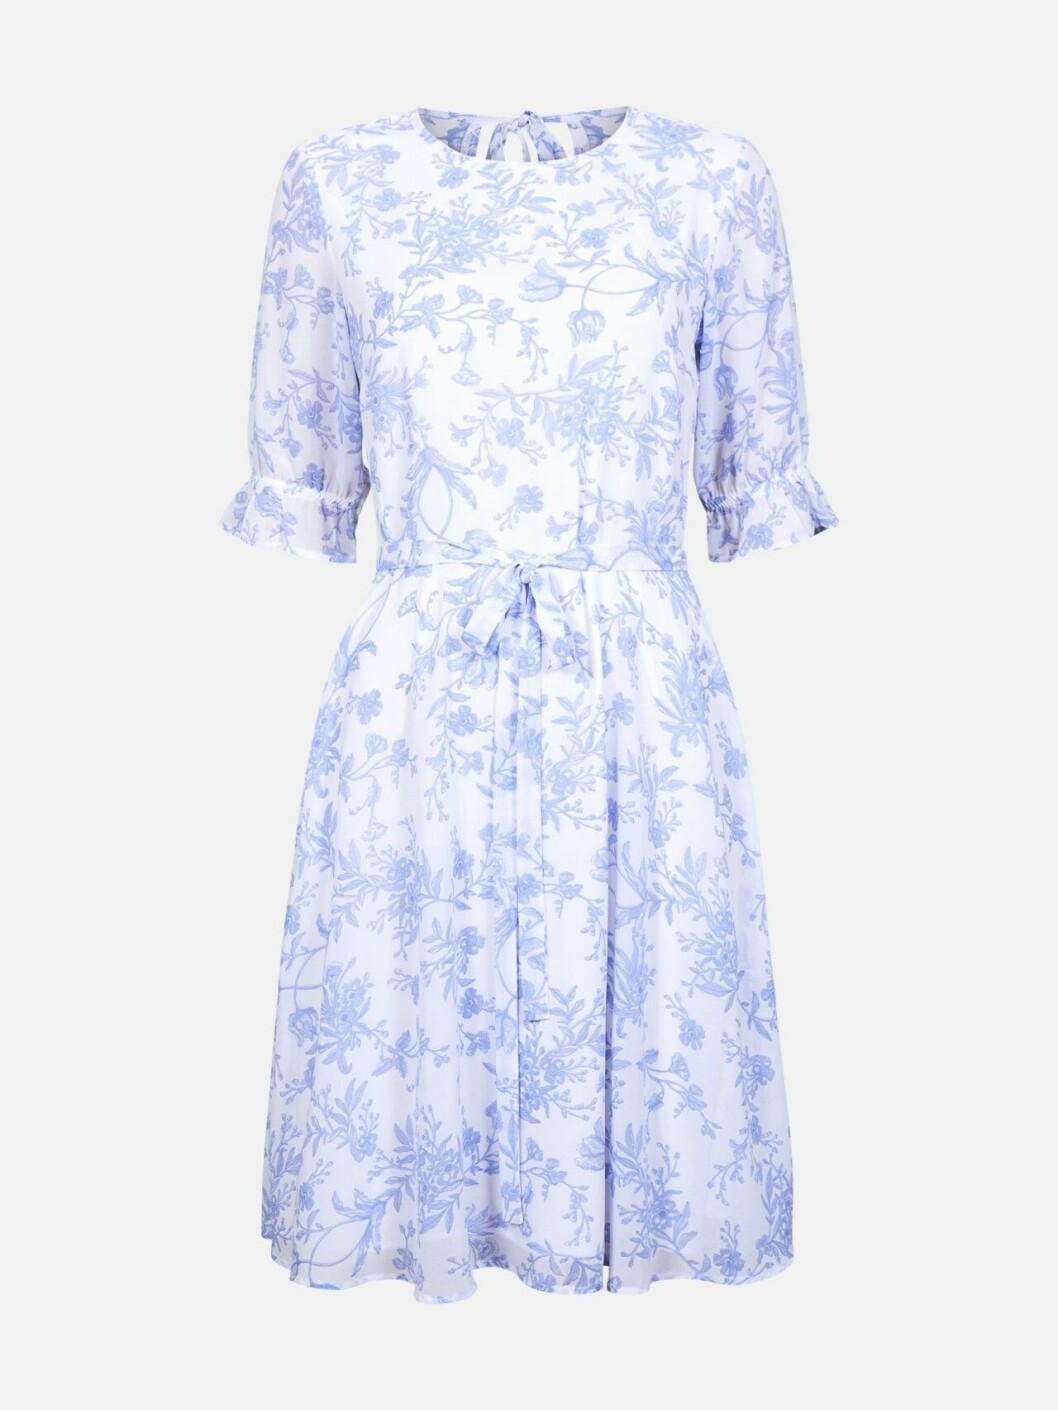 Ljusblå klänning till skolavslutningen 2019